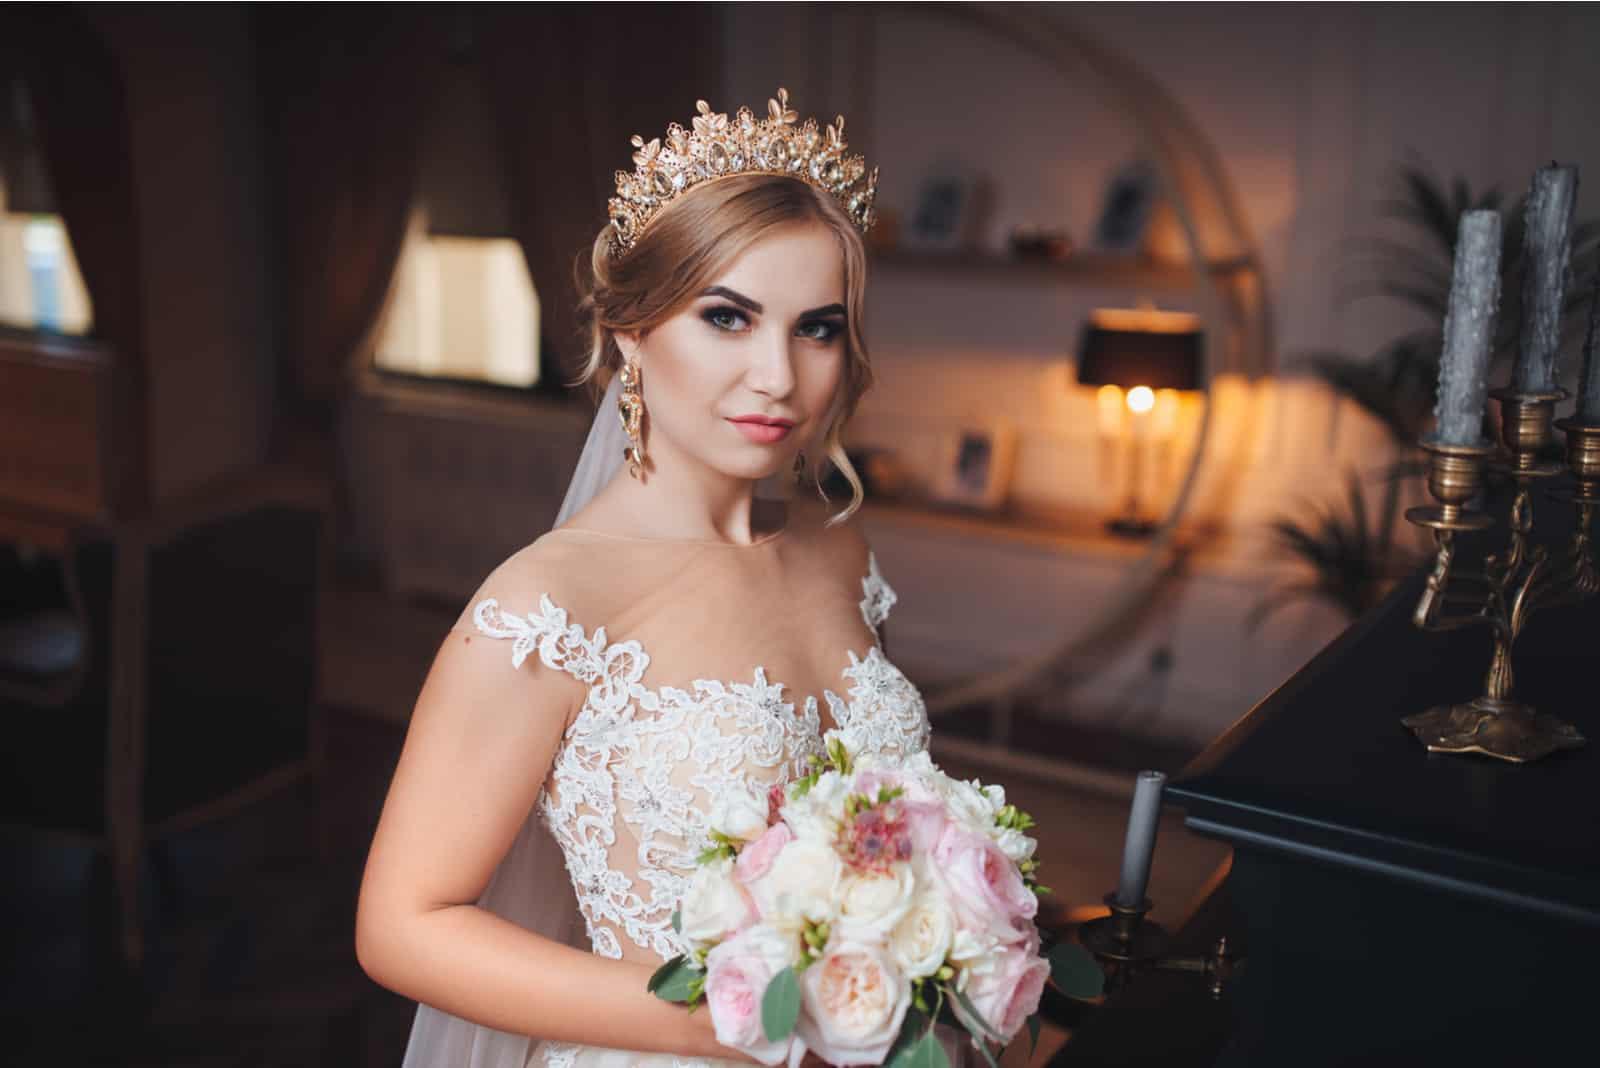 Eine blonde Braut mit einer Krone oder einem Diadem auf dem Kopf schaut in die Kamera